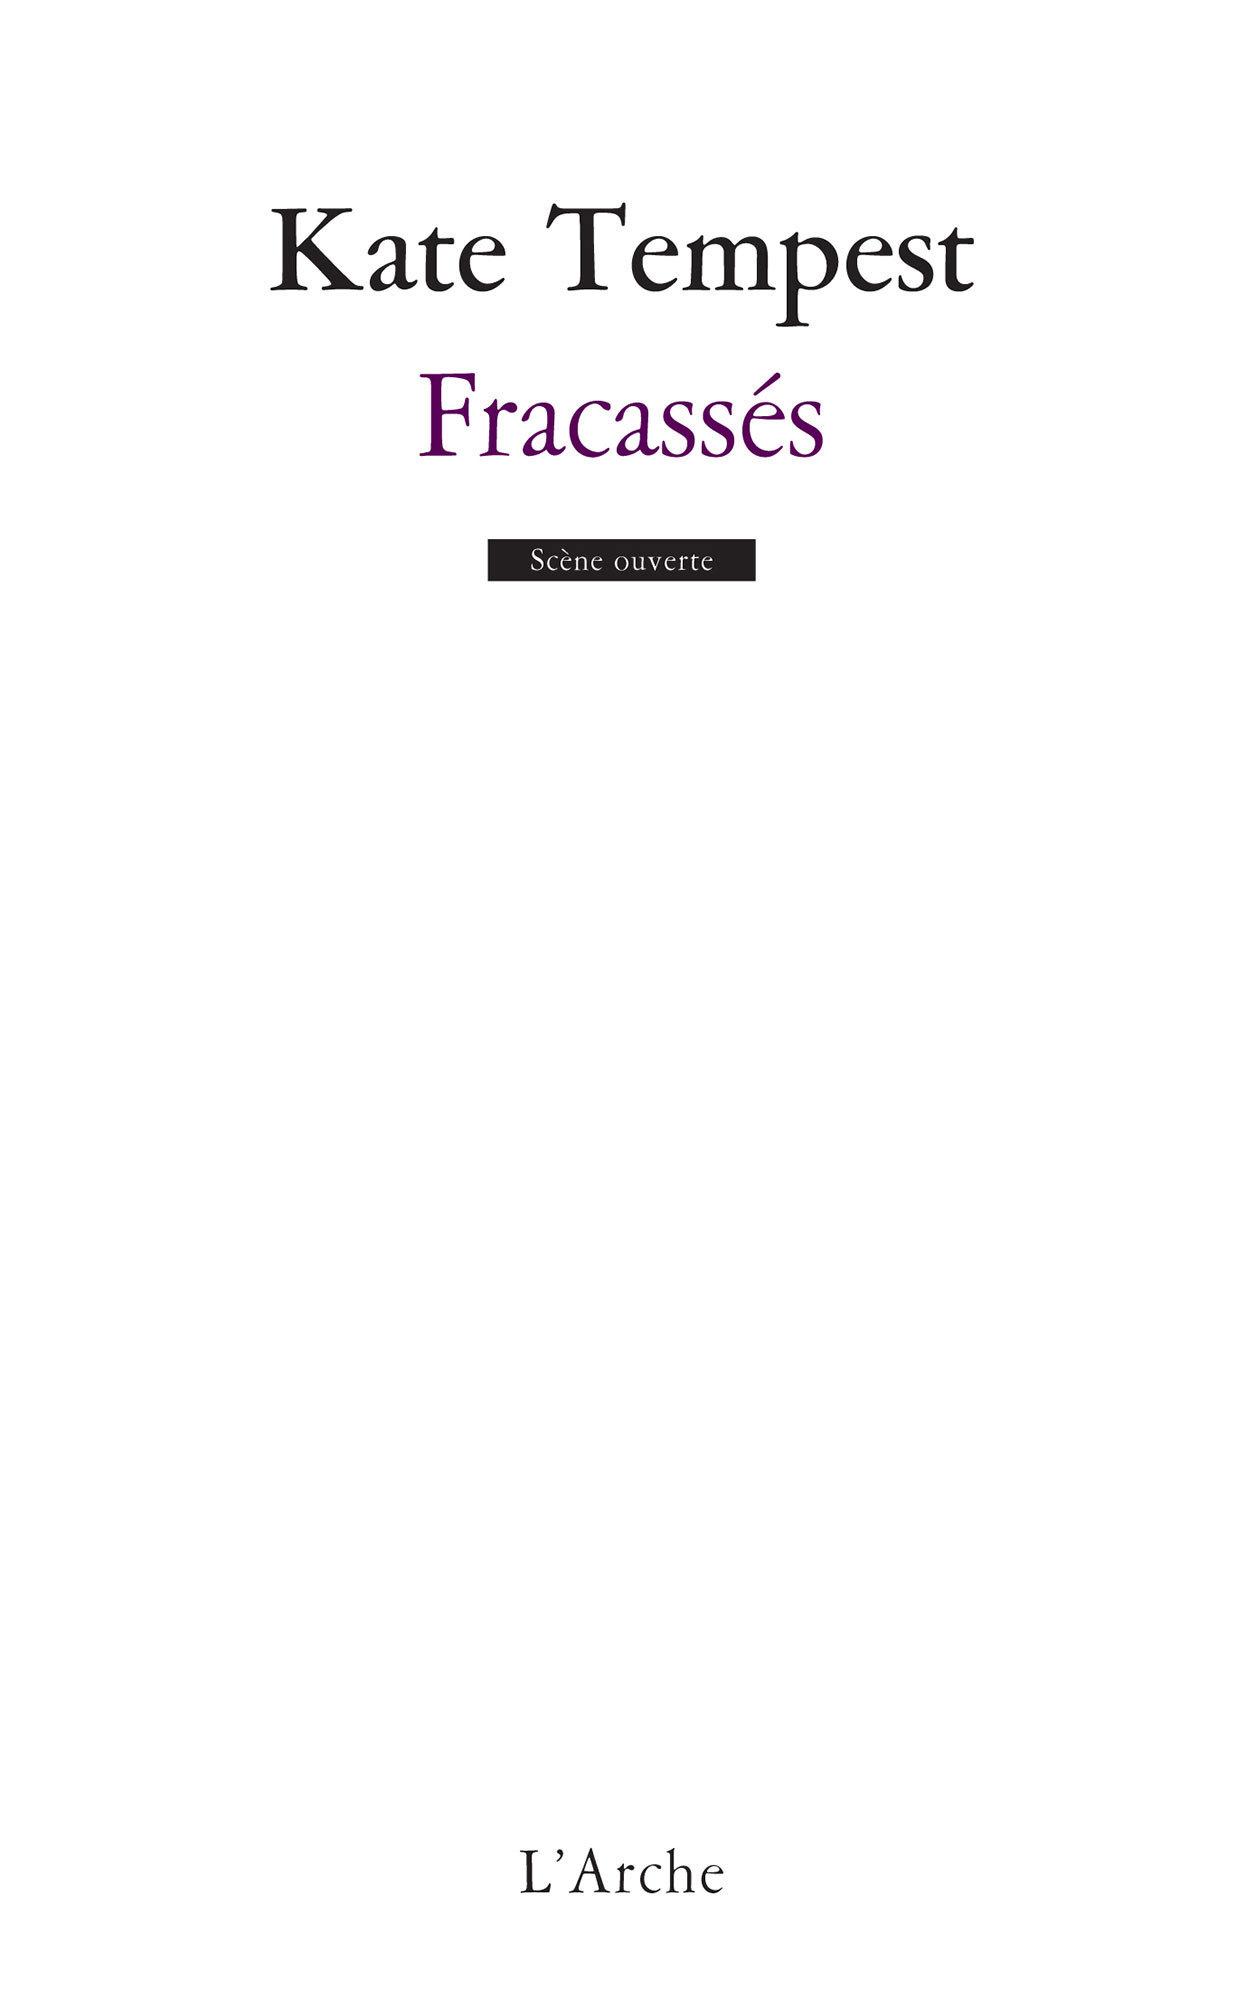 FRACASSES